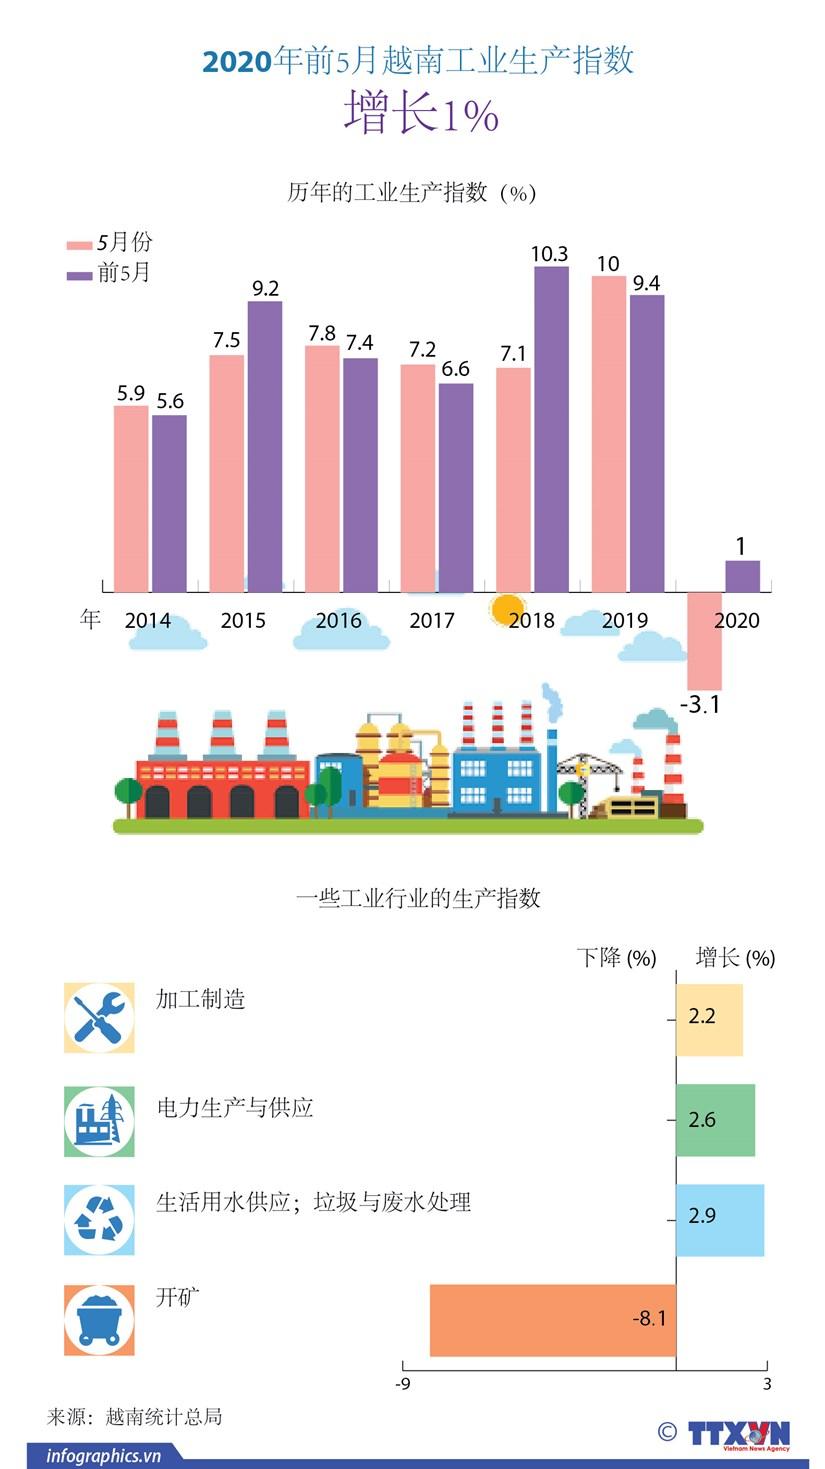 图表新闻:2020年前5月越南工业生产指数增长1% hinh anh 1